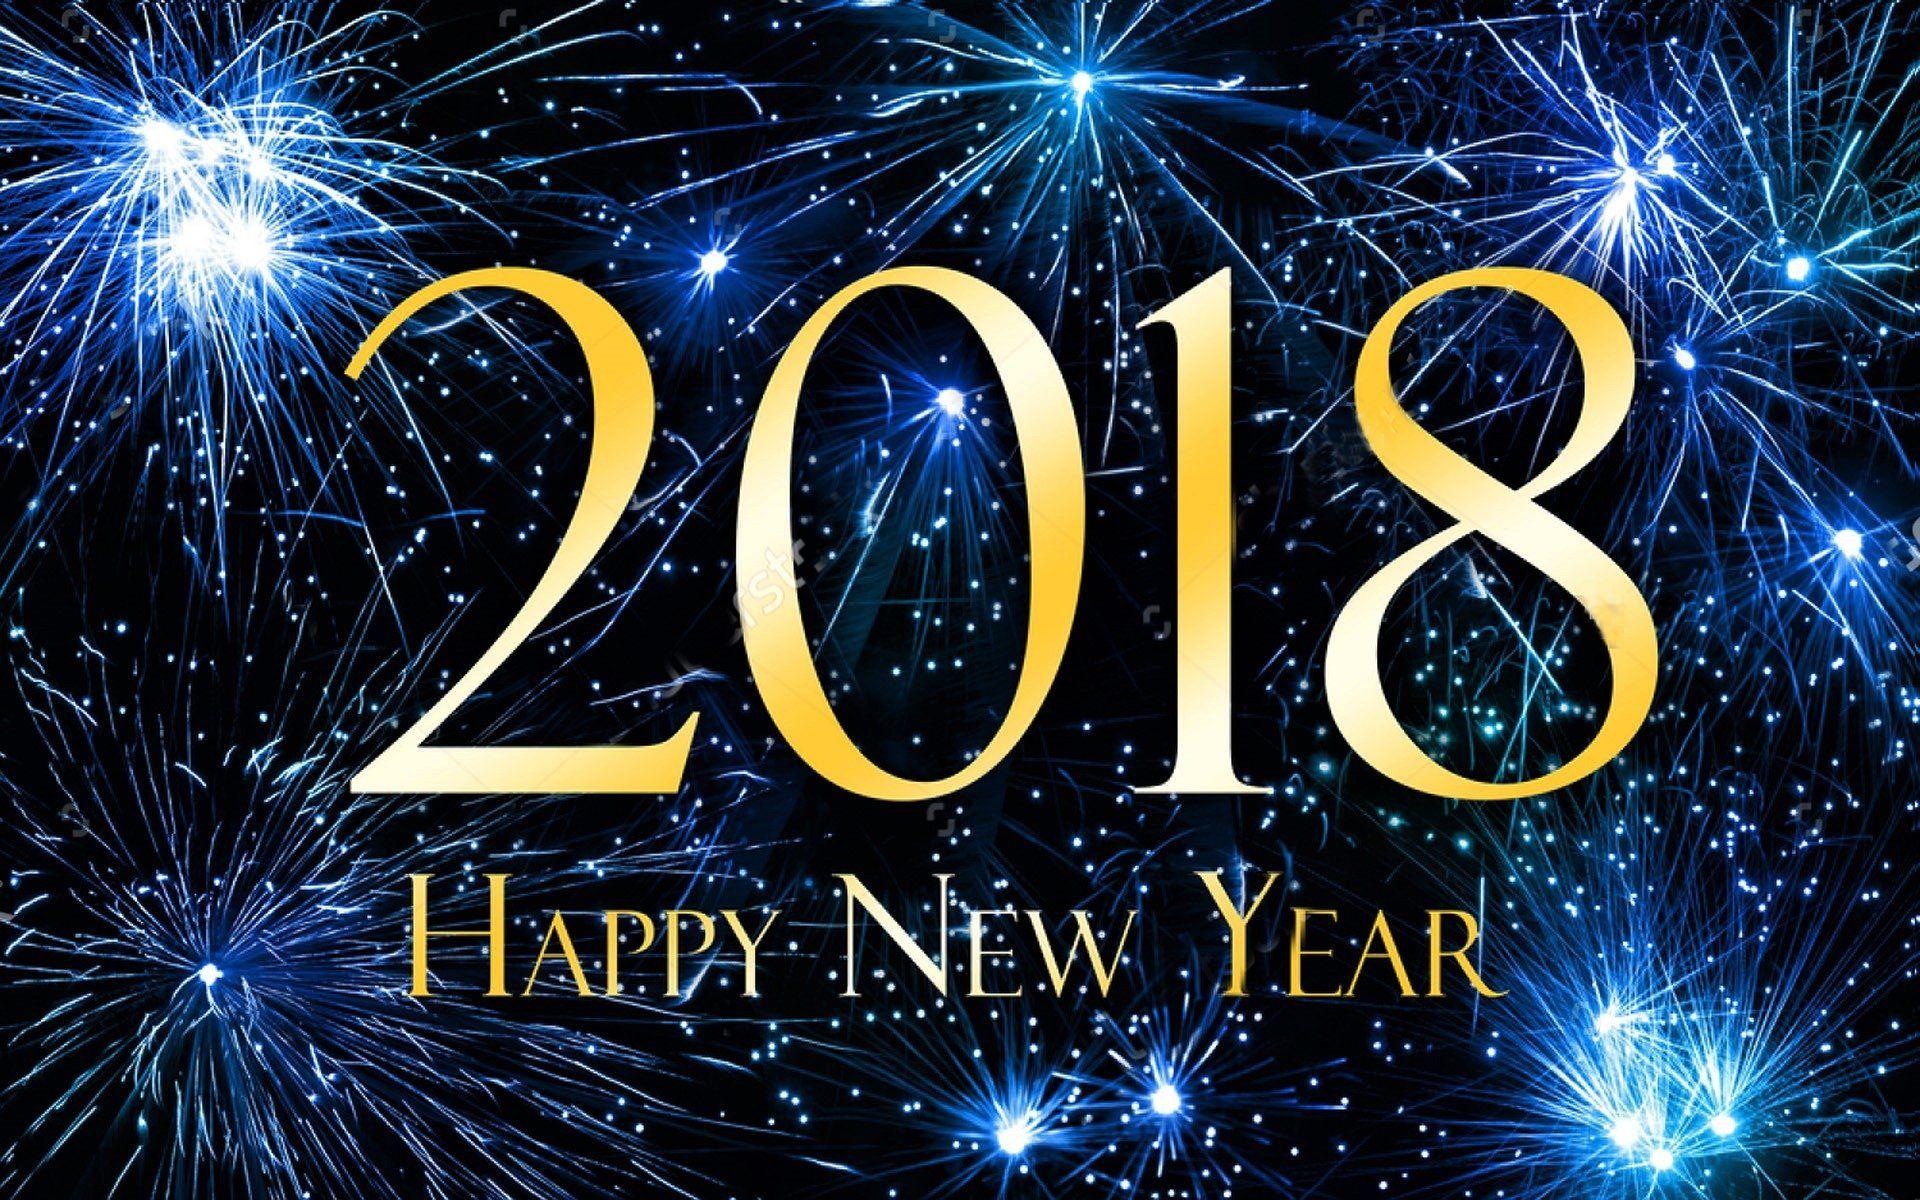 Rsultat de recherche dimages pour new years 2018 bonne anne explore 3d photo new year greetings and more m4hsunfo